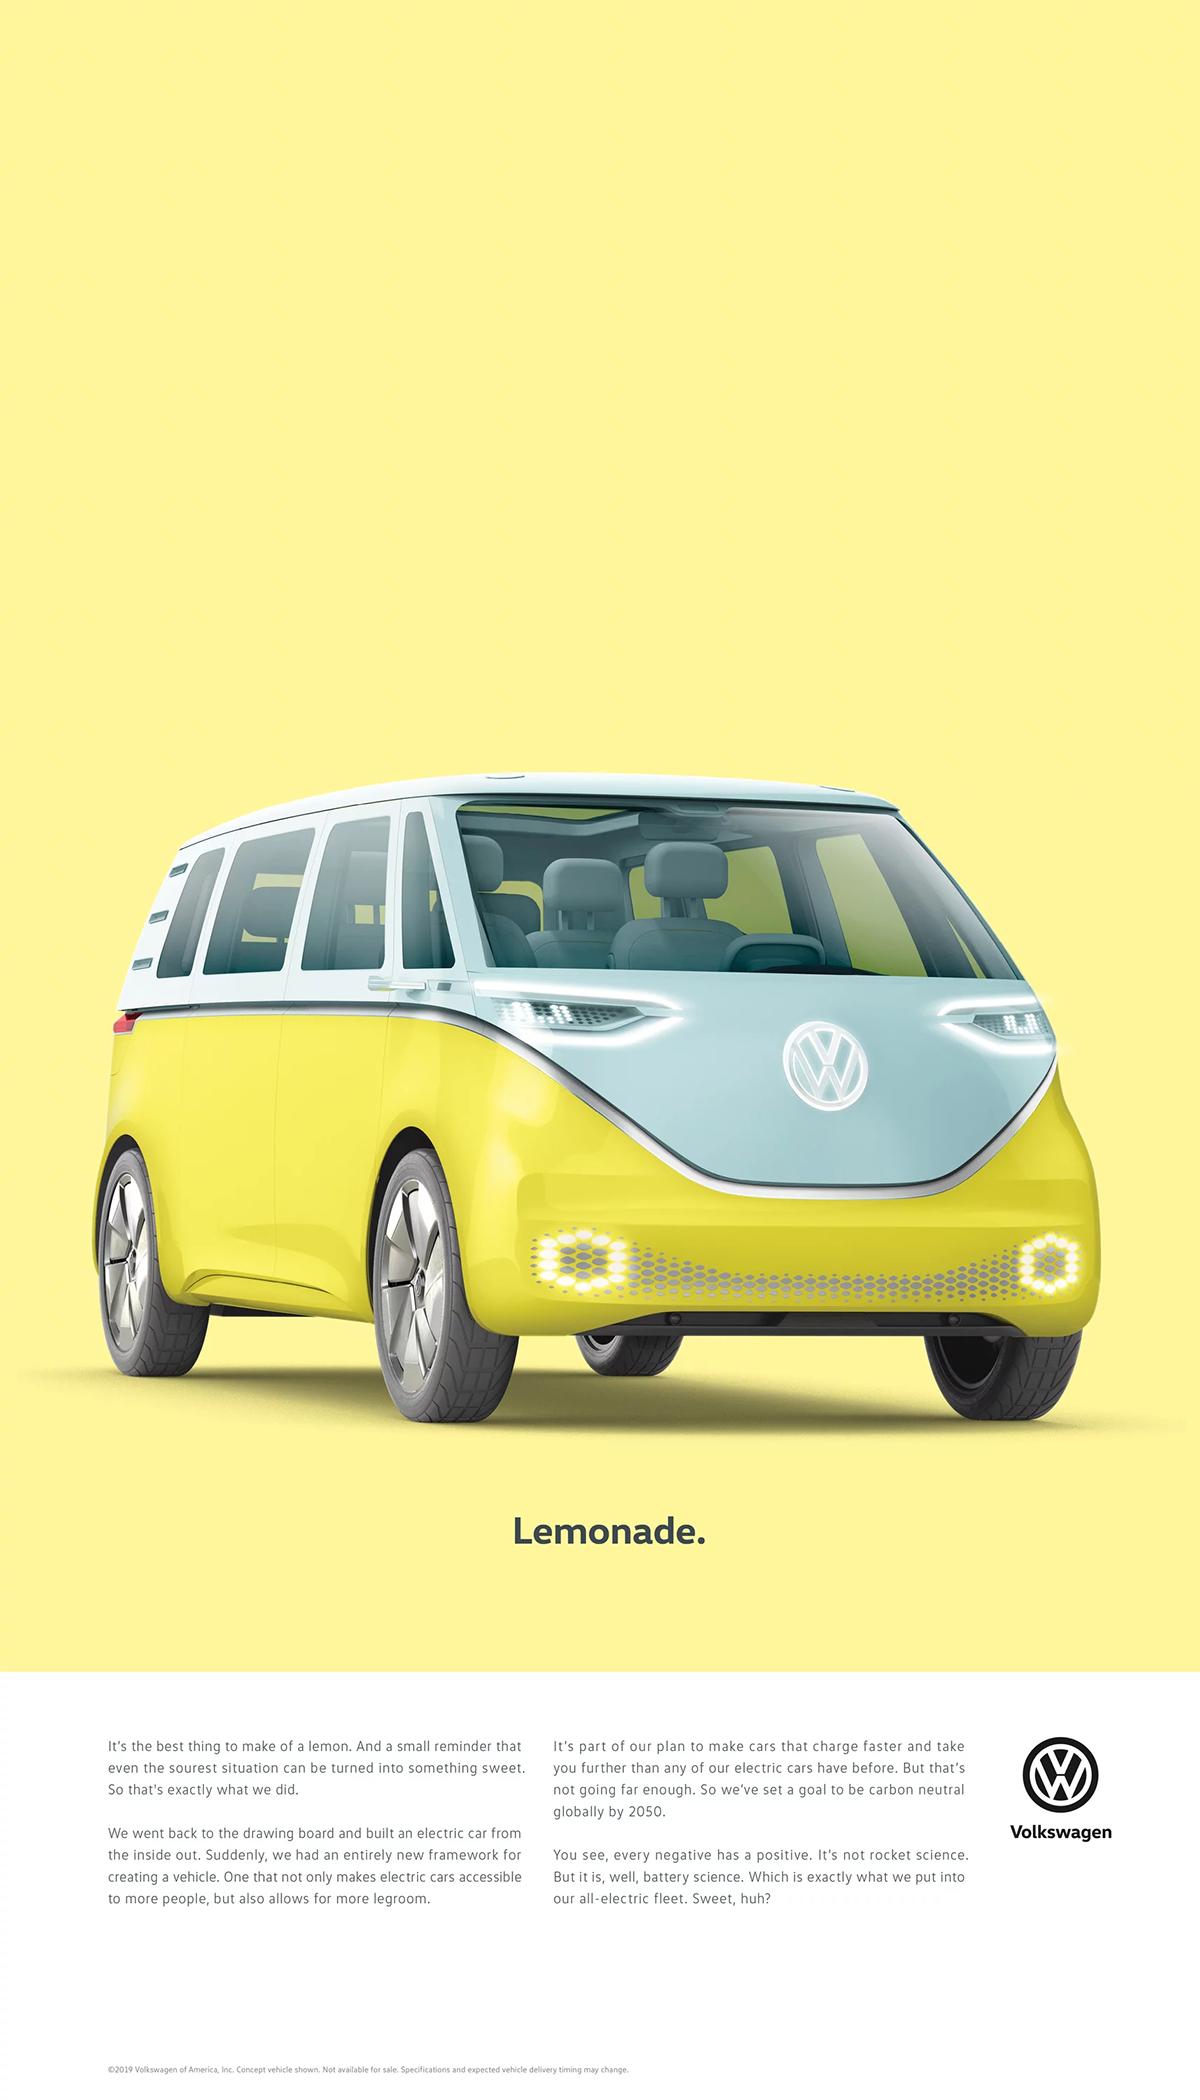 VW-Lemonade.png